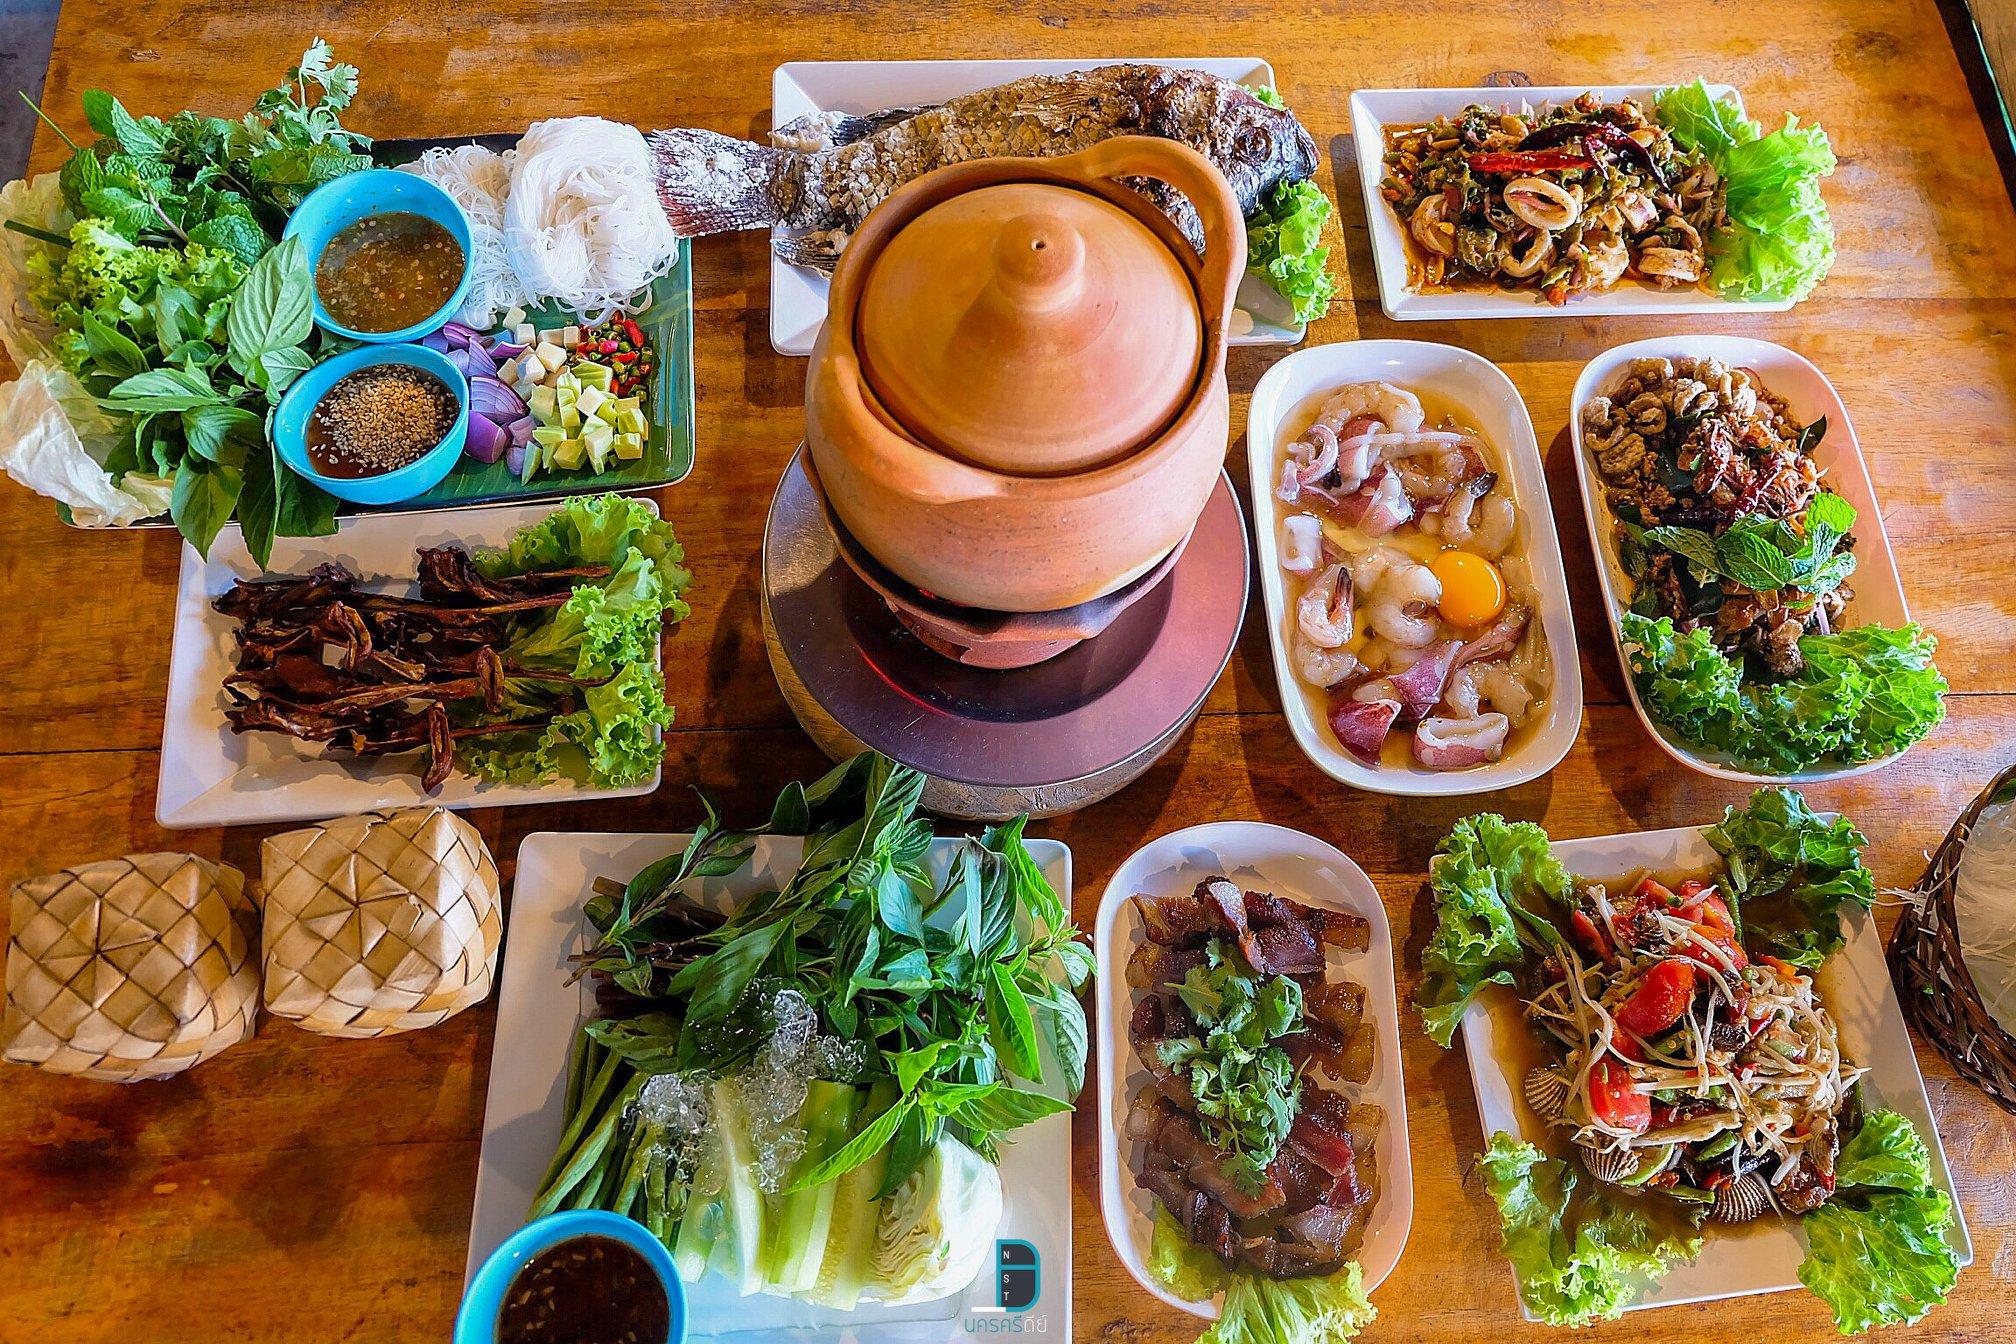 รวมที่กินที่เที่ยว อำเภอเมือง นครศรีธรรมราช 2018 นครศรีดีย์